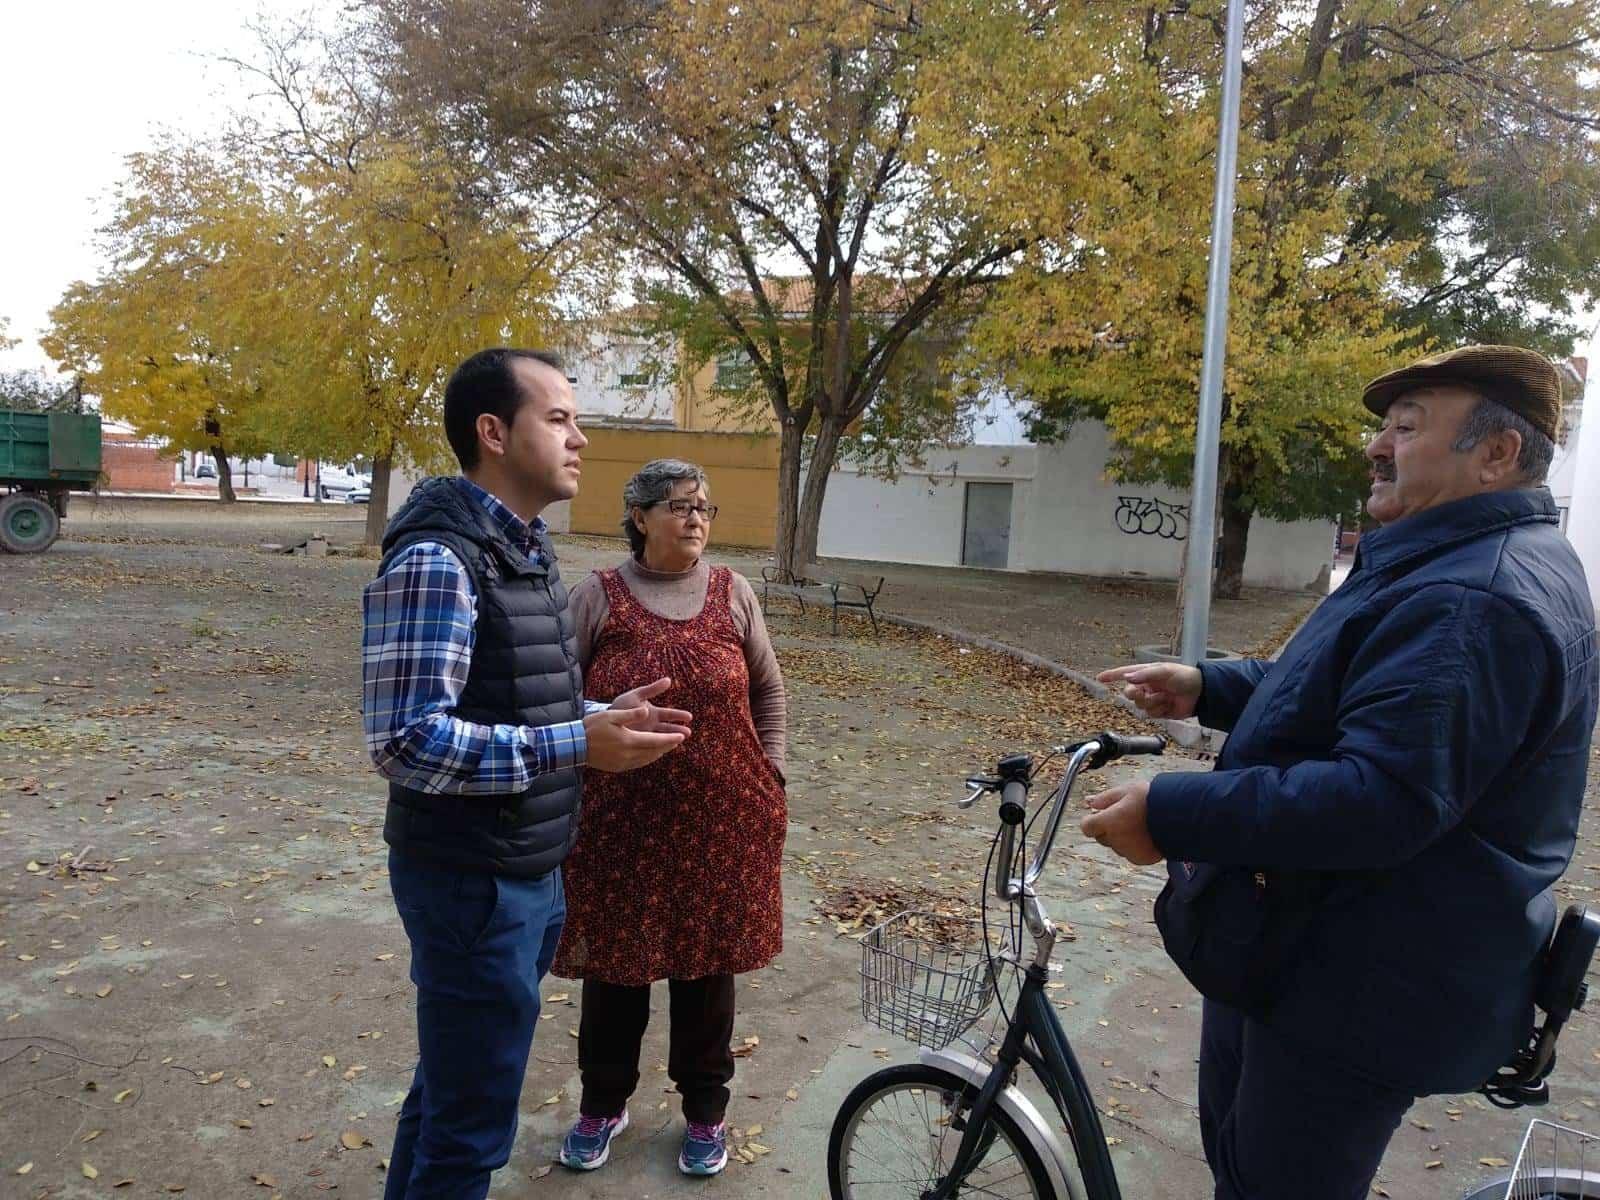 campana de poda arboles 2019 herencia 3 - Comienza la campaña de Poda para garantizar la conservación de los árboles